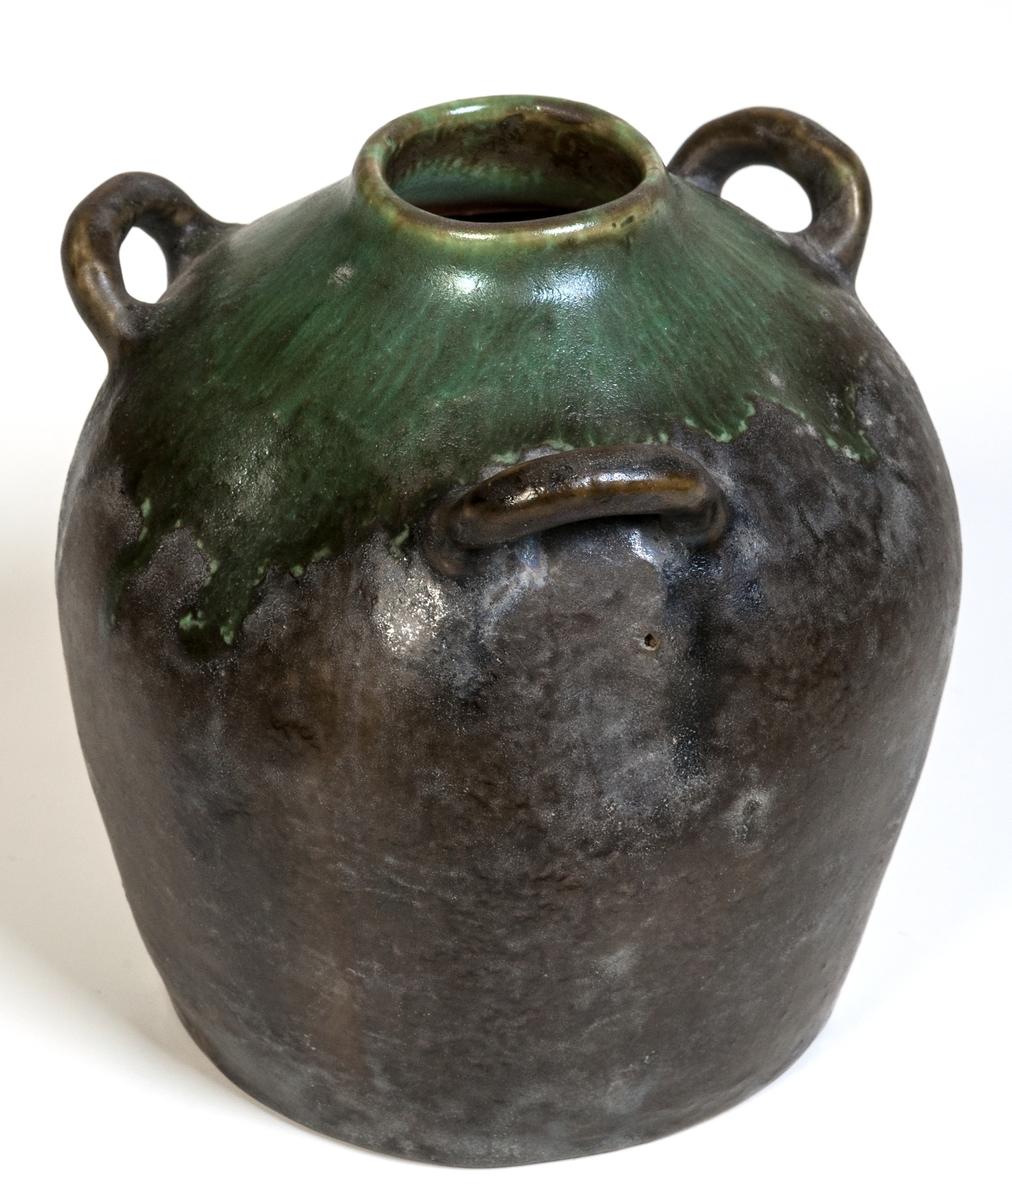 Vas med tre hänklar, höjd 11 cm, grön och gråbrun metallglasyr. Formgivare Gösta Boberg, Bobergs Fajansfabrik, Gävle.